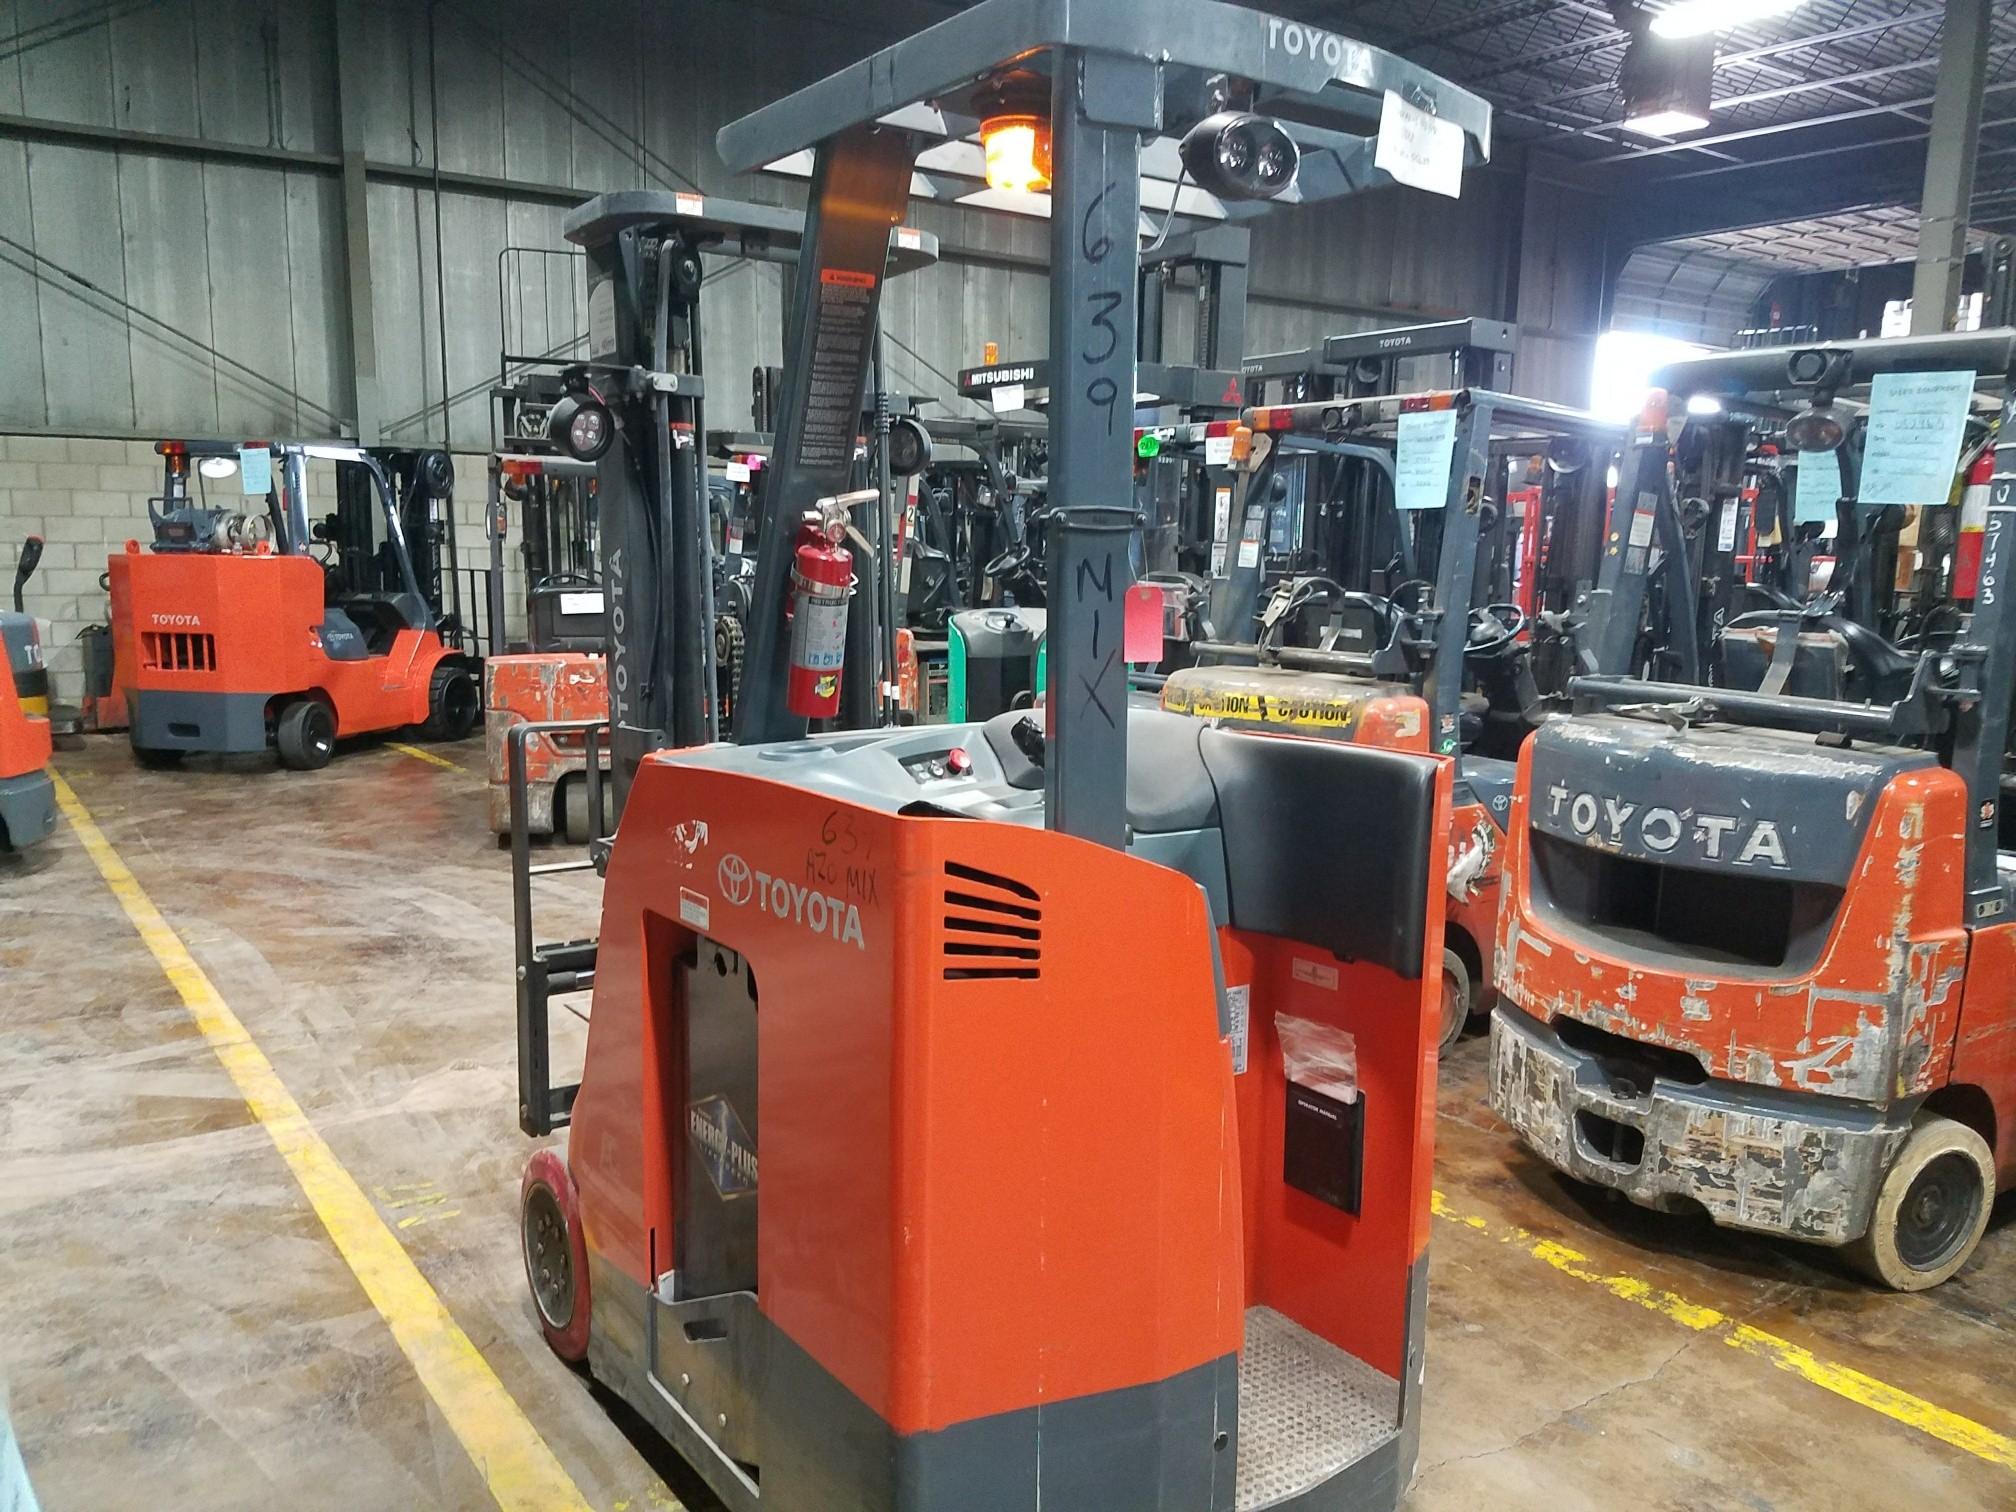 2015 Toyota Industrial Equipment 8BNCU18 / 18.5